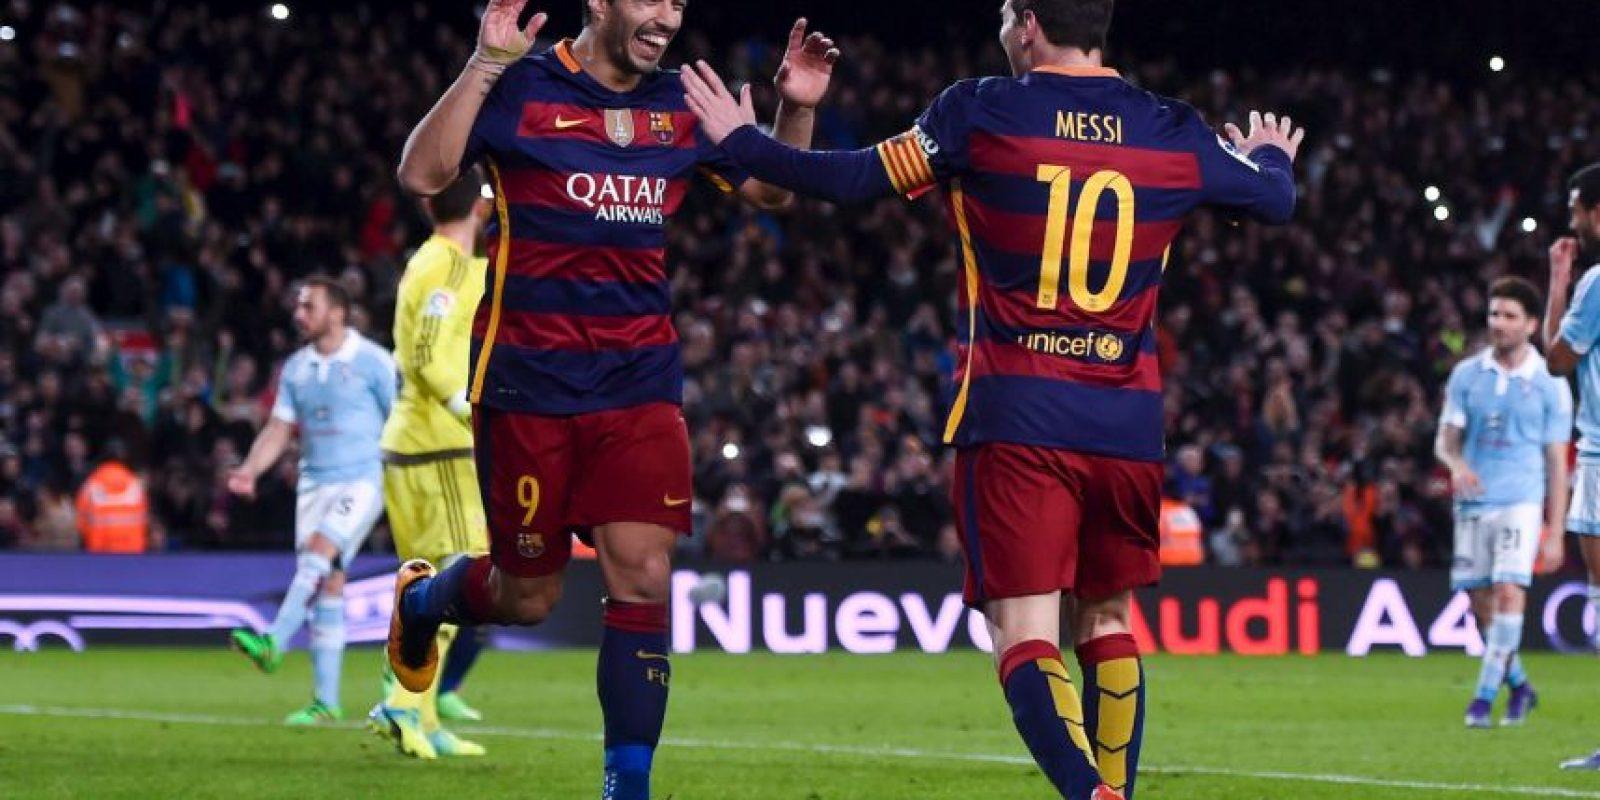 La jugada fue polémica y se viralizó en las redes sociales Foto:Getty Images